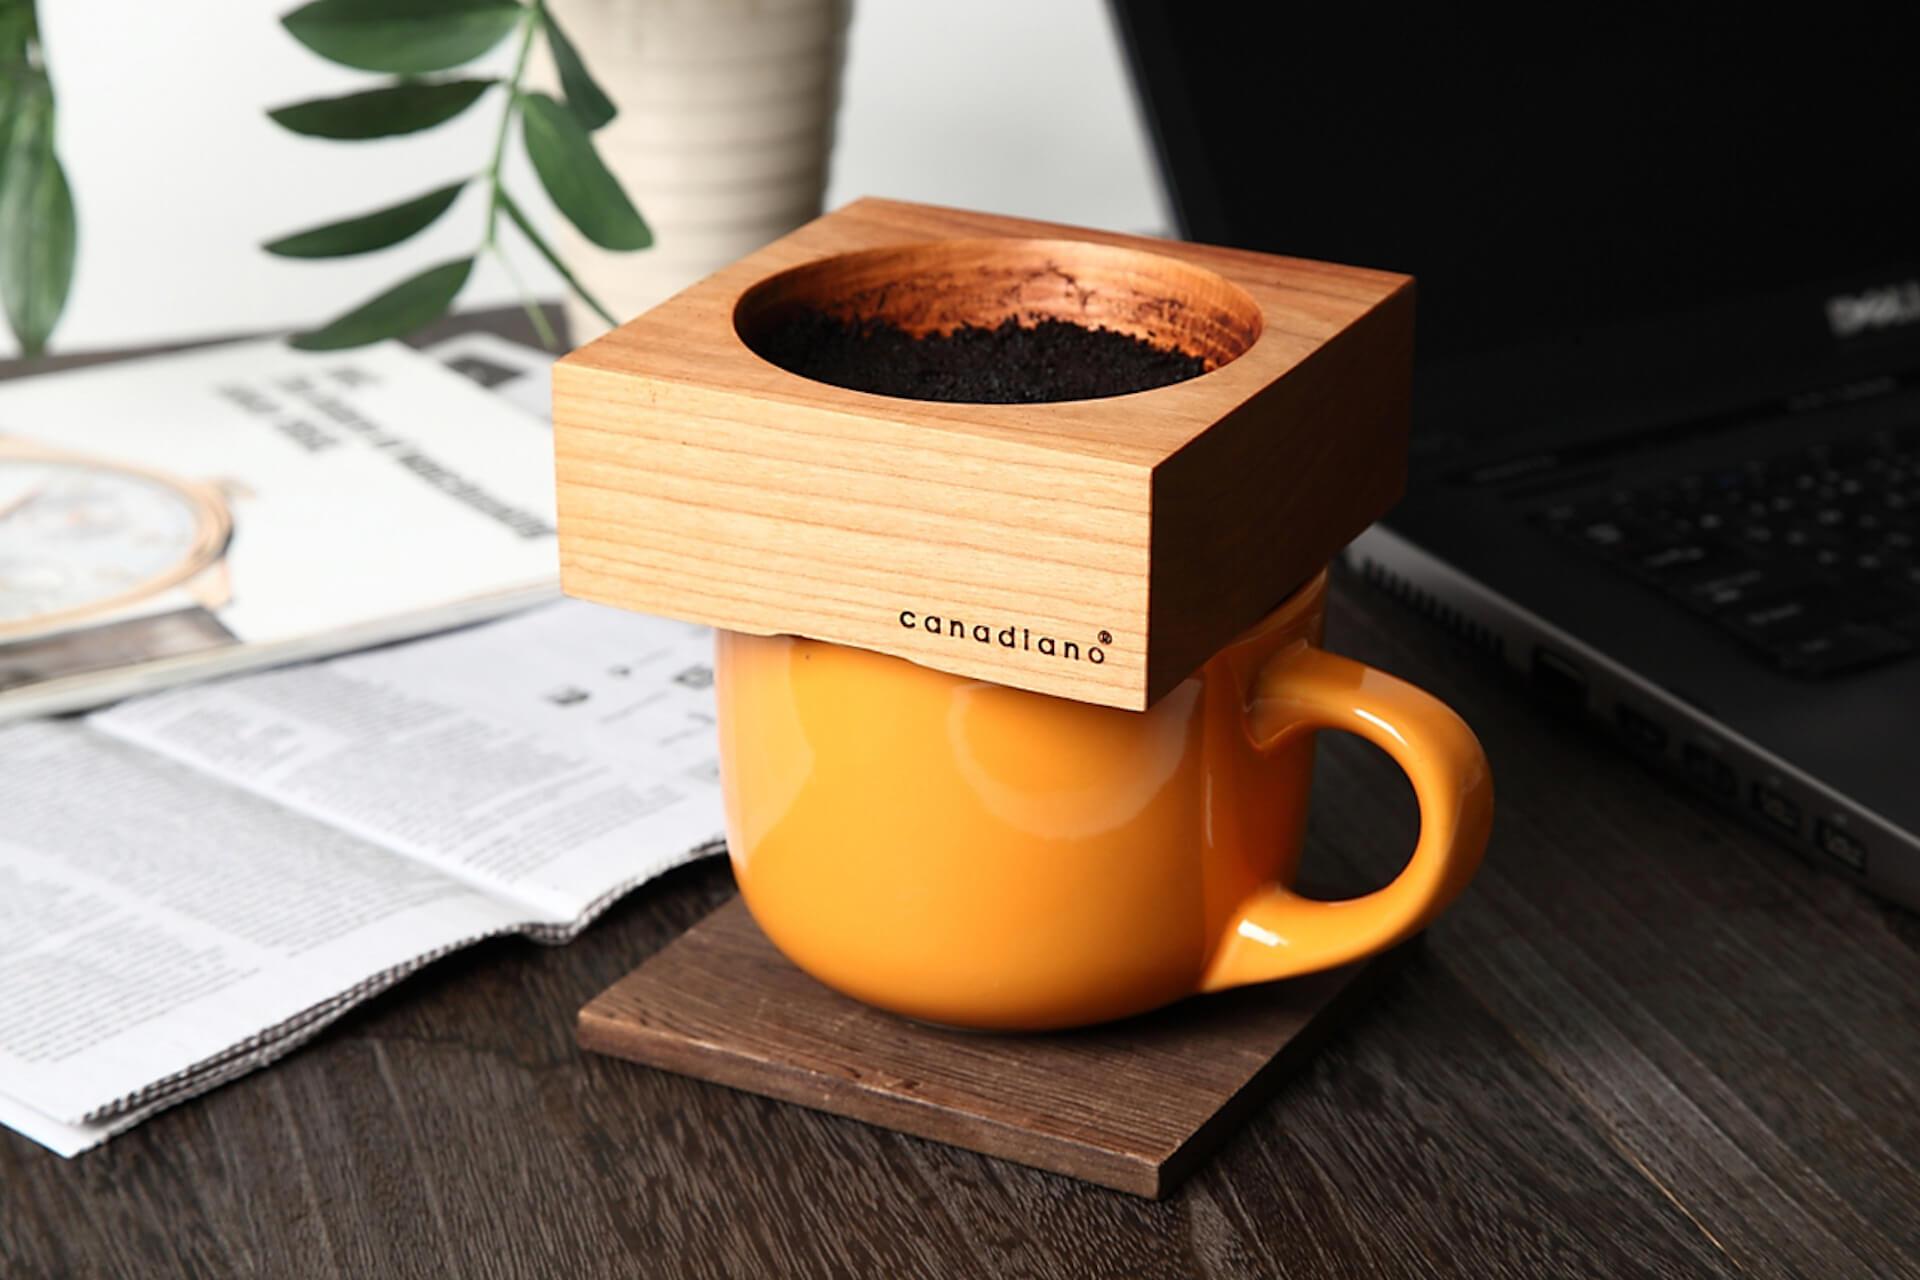 極上のコーヒータイムを嗜む! アウトドアや登山におすすめのギア&厳選コーヒー豆特集 life191118_jeep_coffee_4